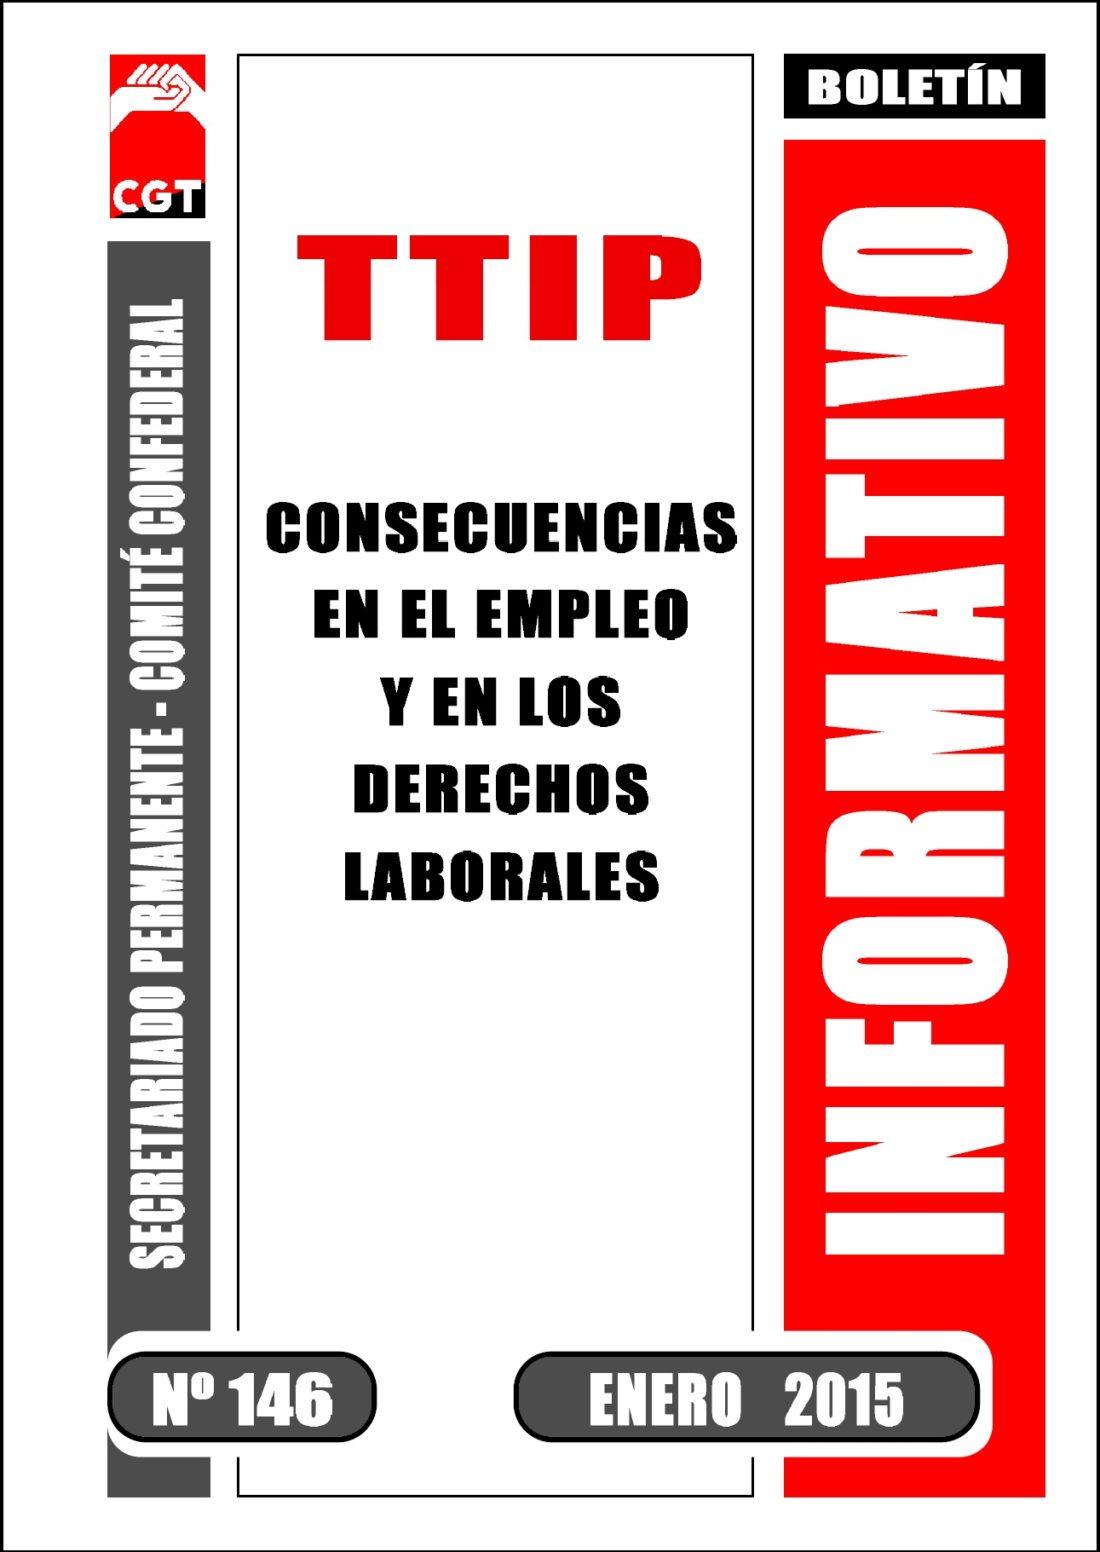 Boletín 146: El TTIP y sus consecuencias para el empleo y los derechos laborales